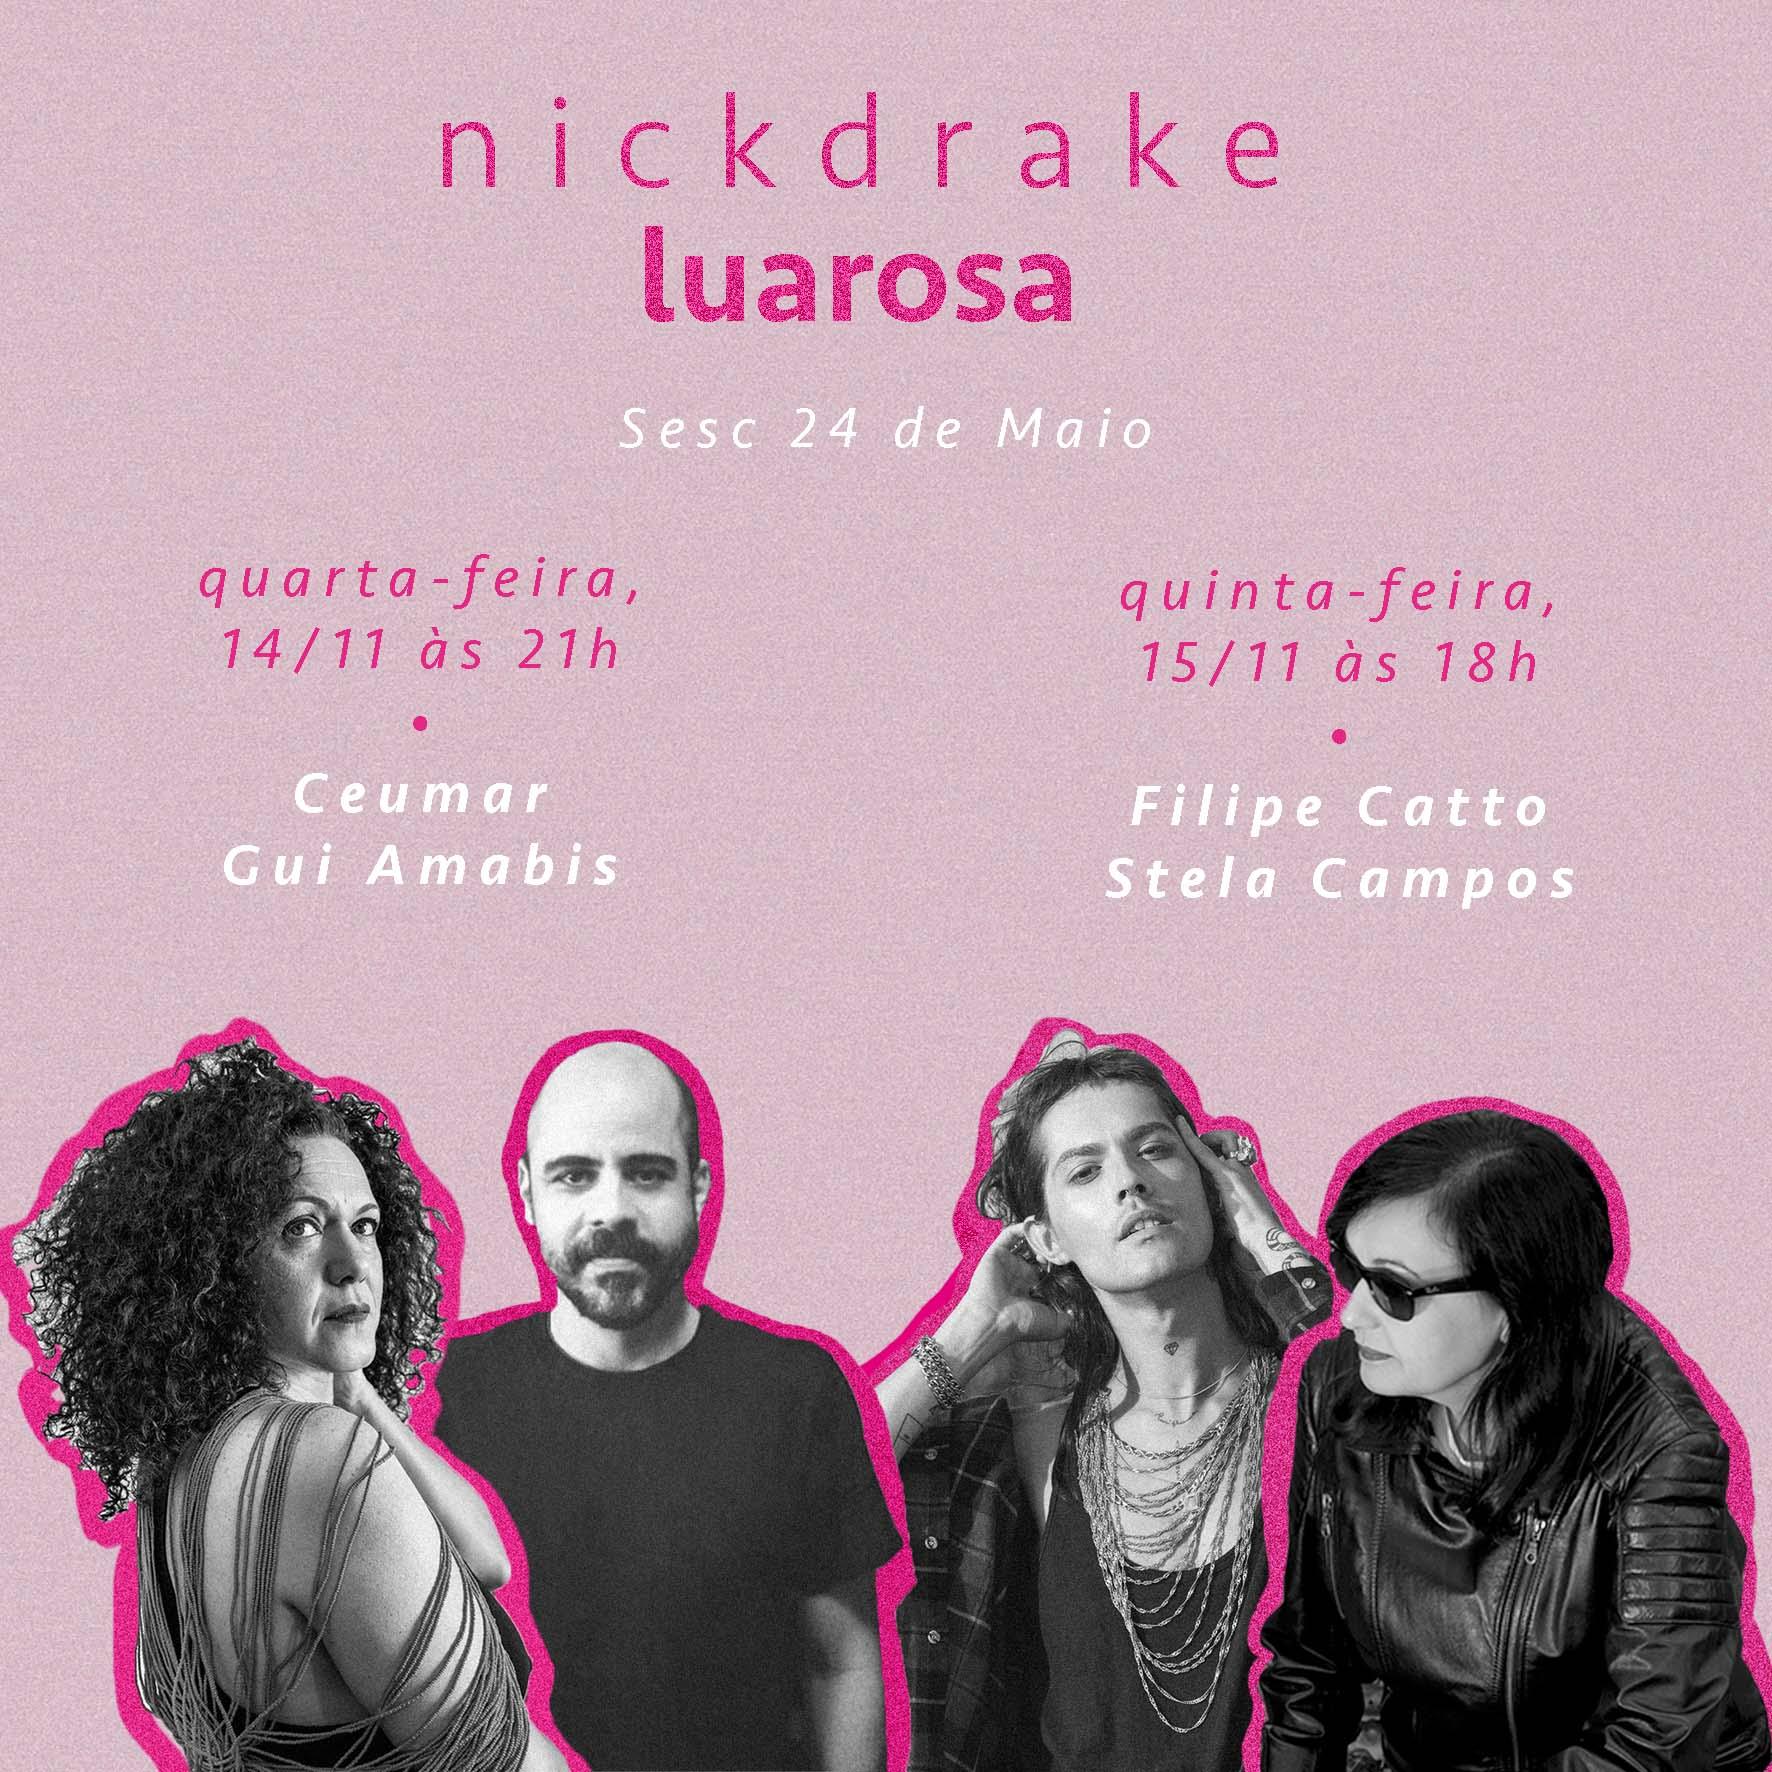 Cantores convidados de Lua Rosa, homenagem a Nick Drake